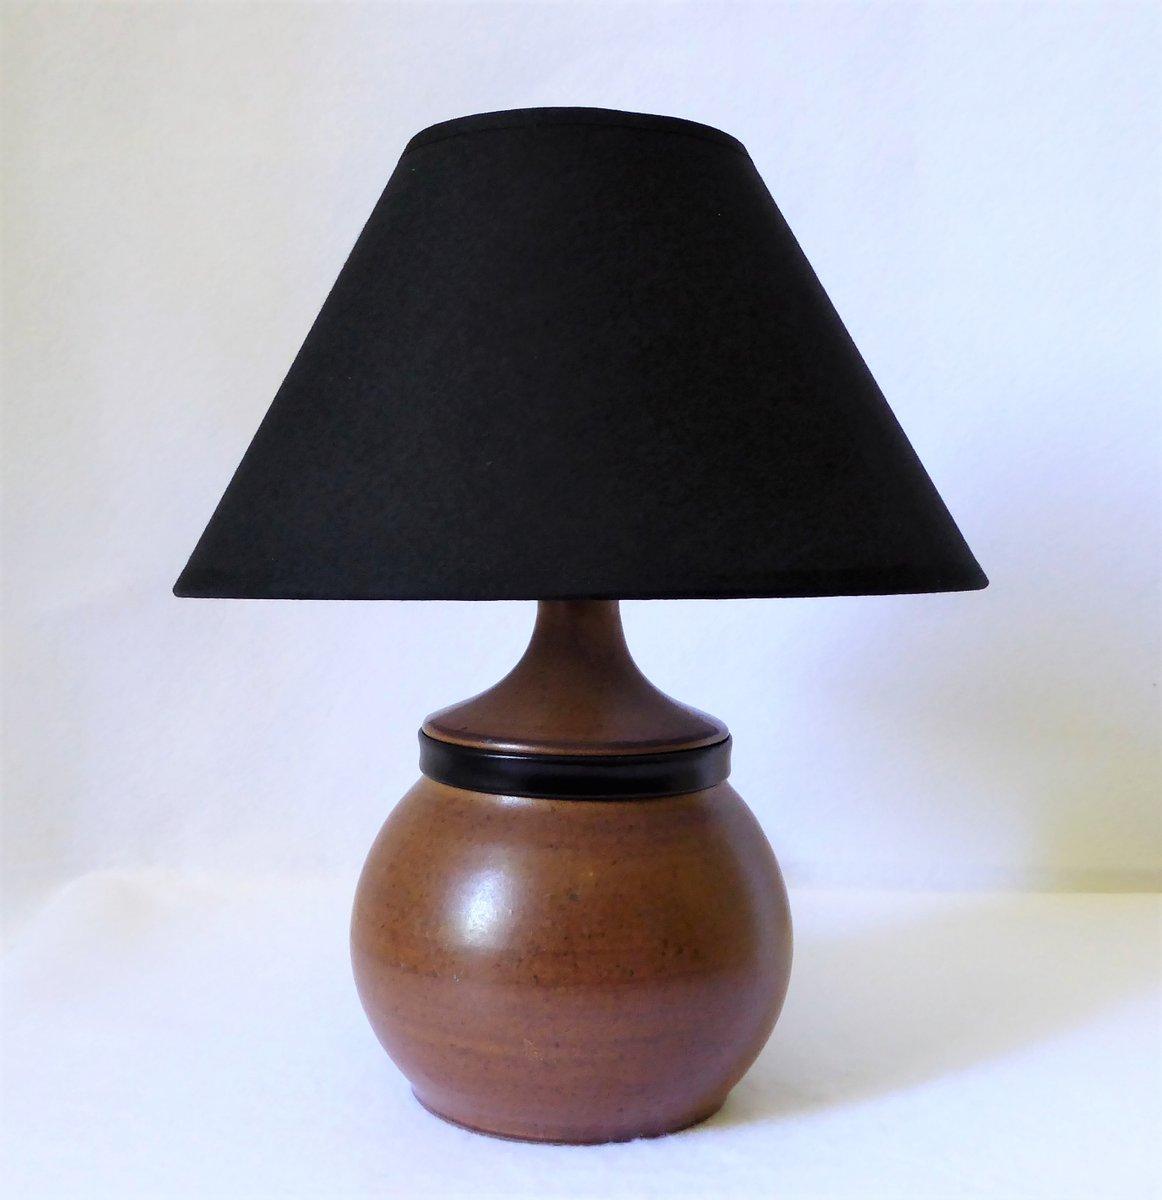 Keramik und Leder Tischlampe von Gabriel Hamm, 1980er